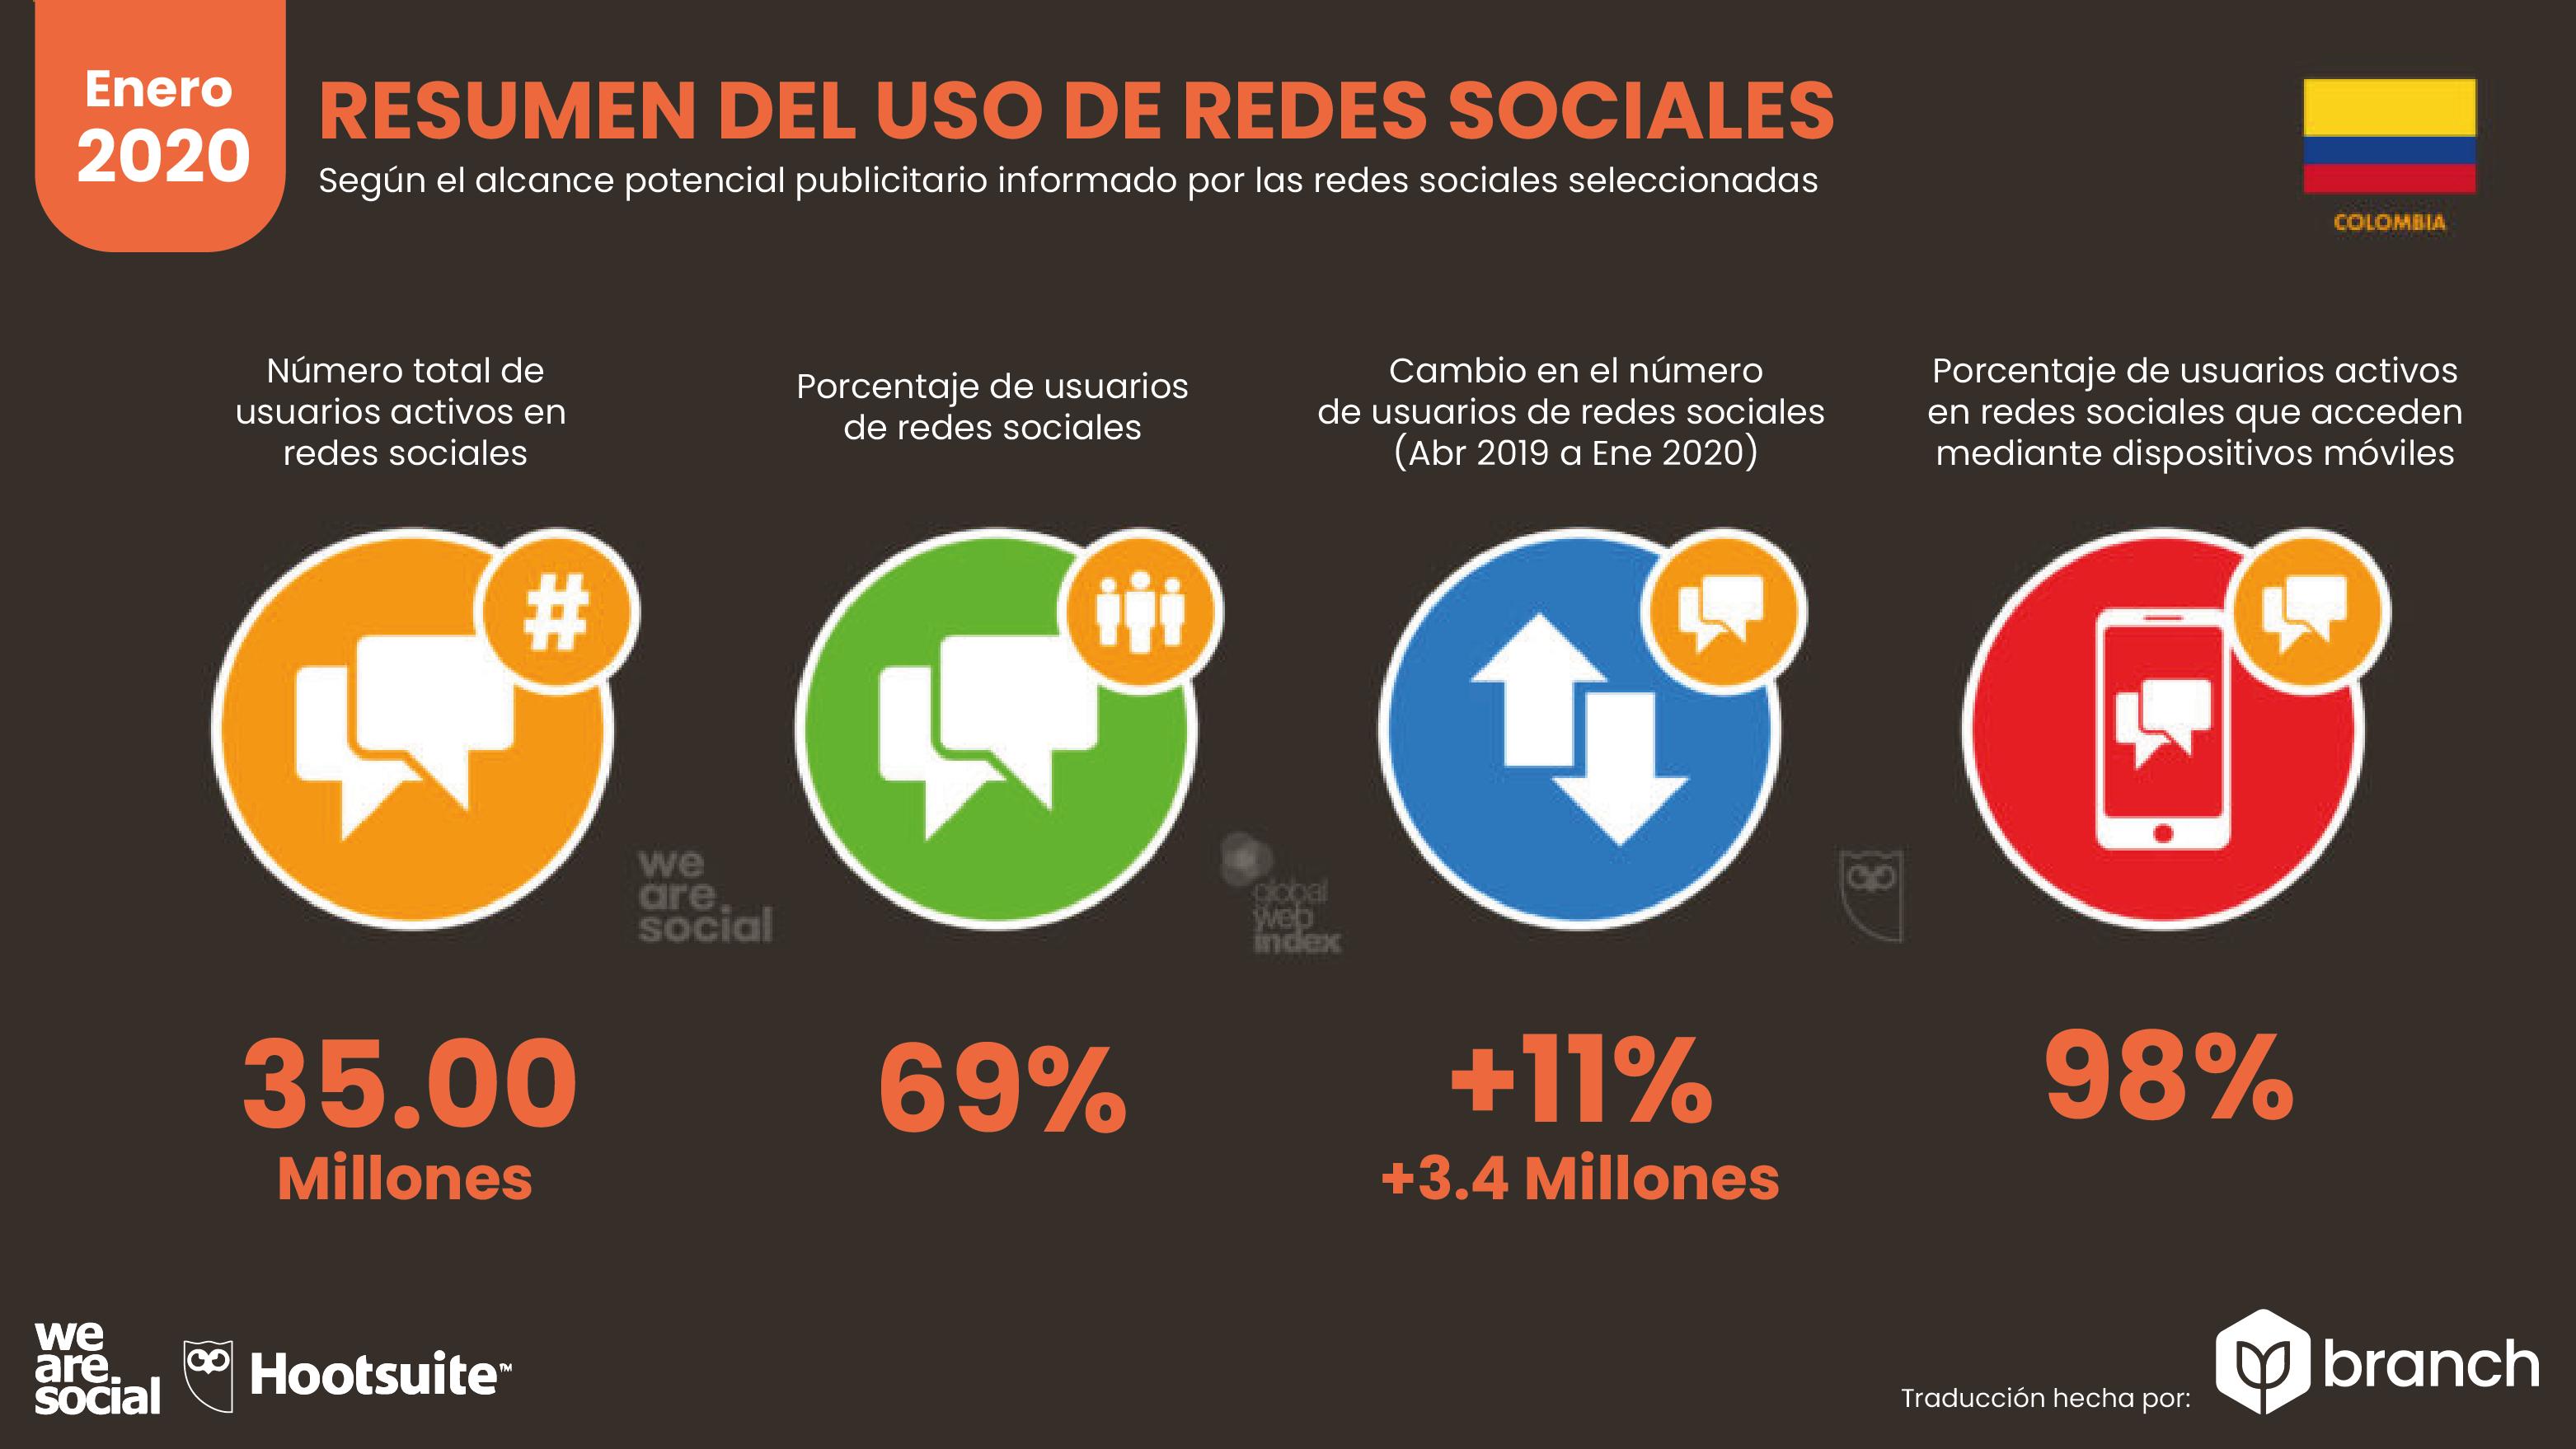 uso-de-redes-sociales-en-colombia-2019-2020